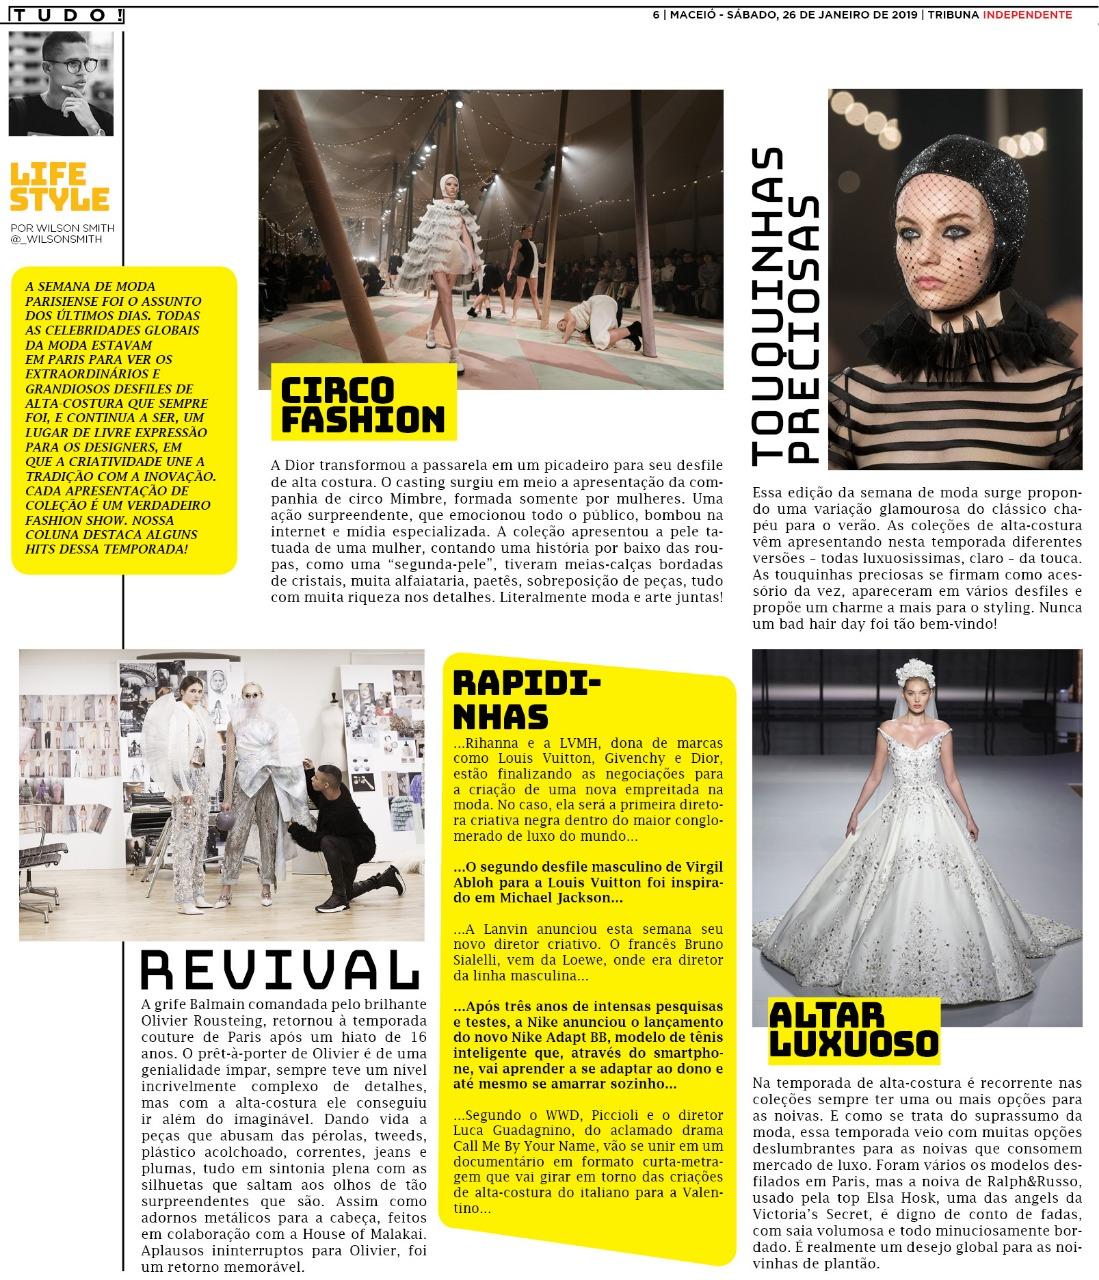 6a685cb52 Cada apresentação de coleção é um verdadeiro fashion show. Nossa coluna  destaca alguns hits dessa temporada!